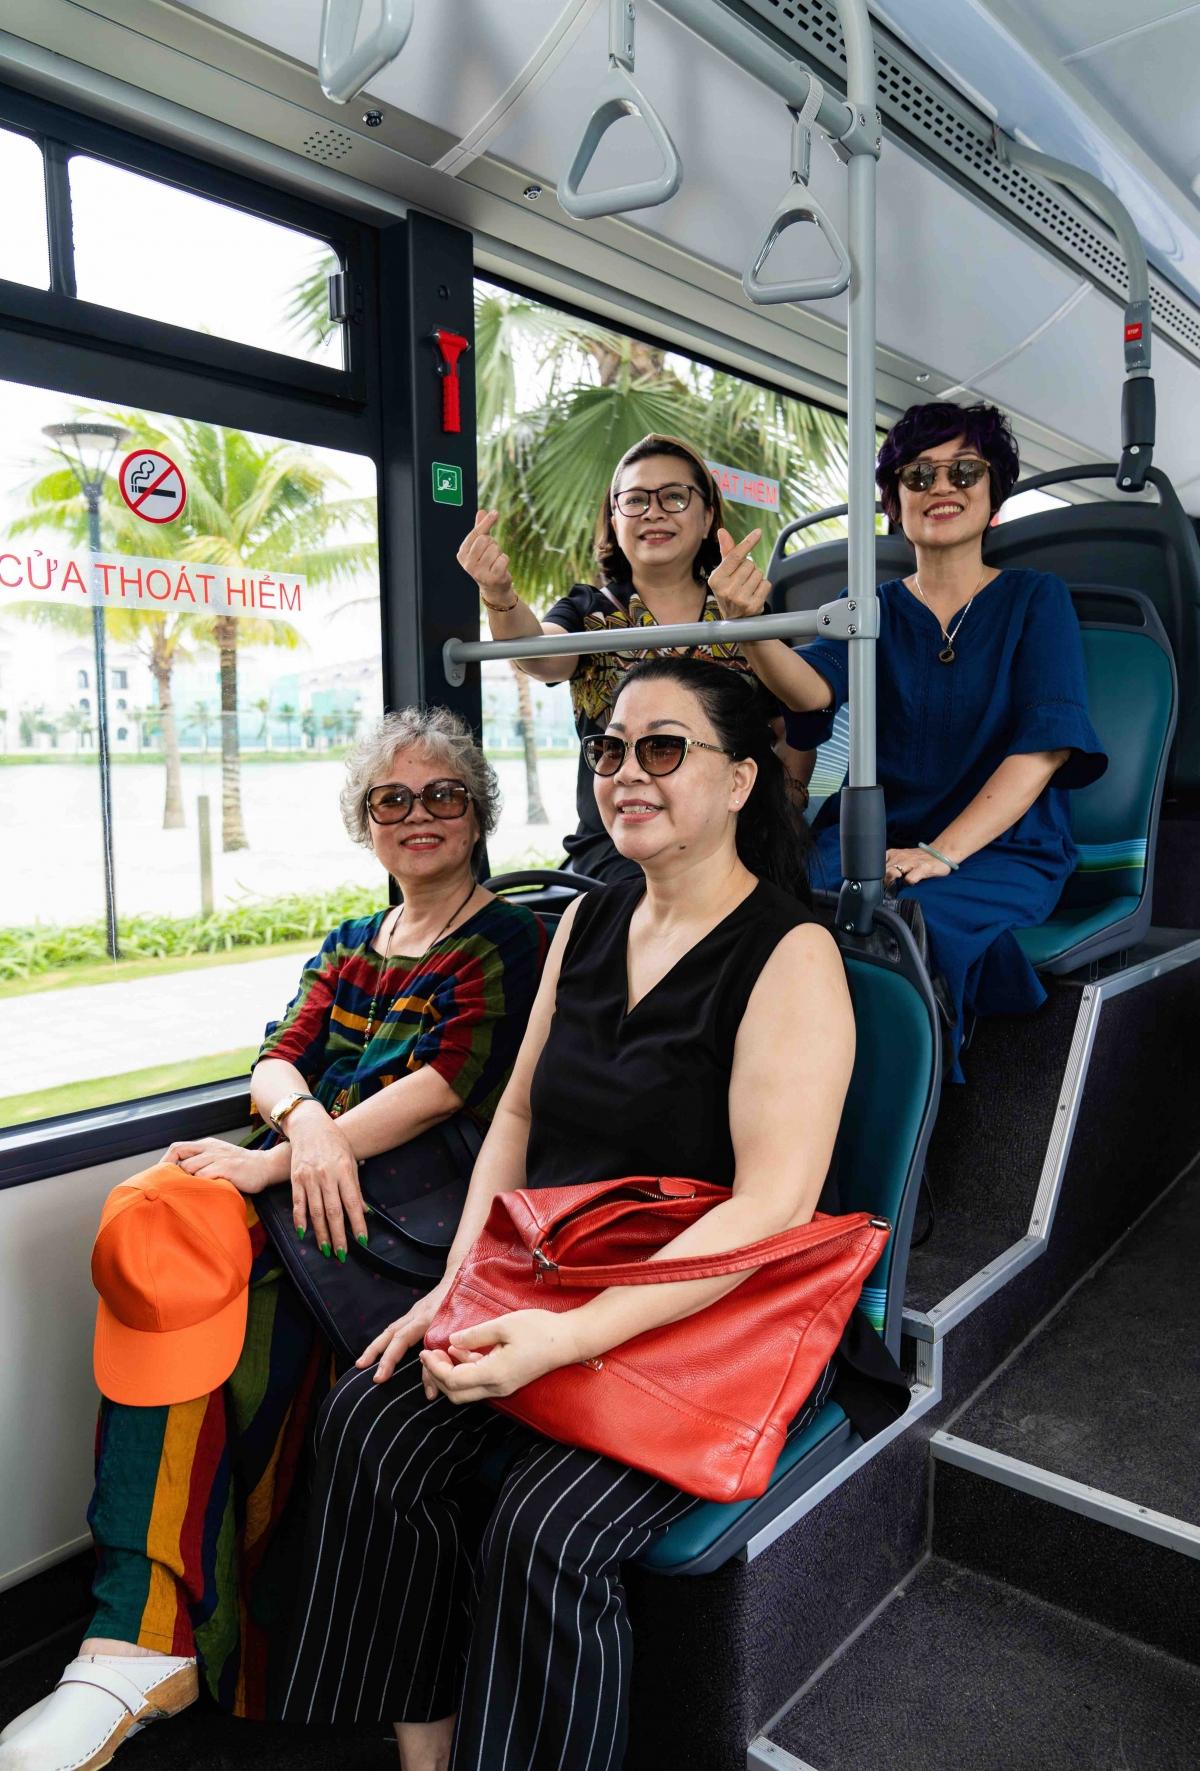 Các hành khách lớn tuổi đặc biệt thích thú với các tính năng thông minh và thân thiện của xe buýt điện VinBus